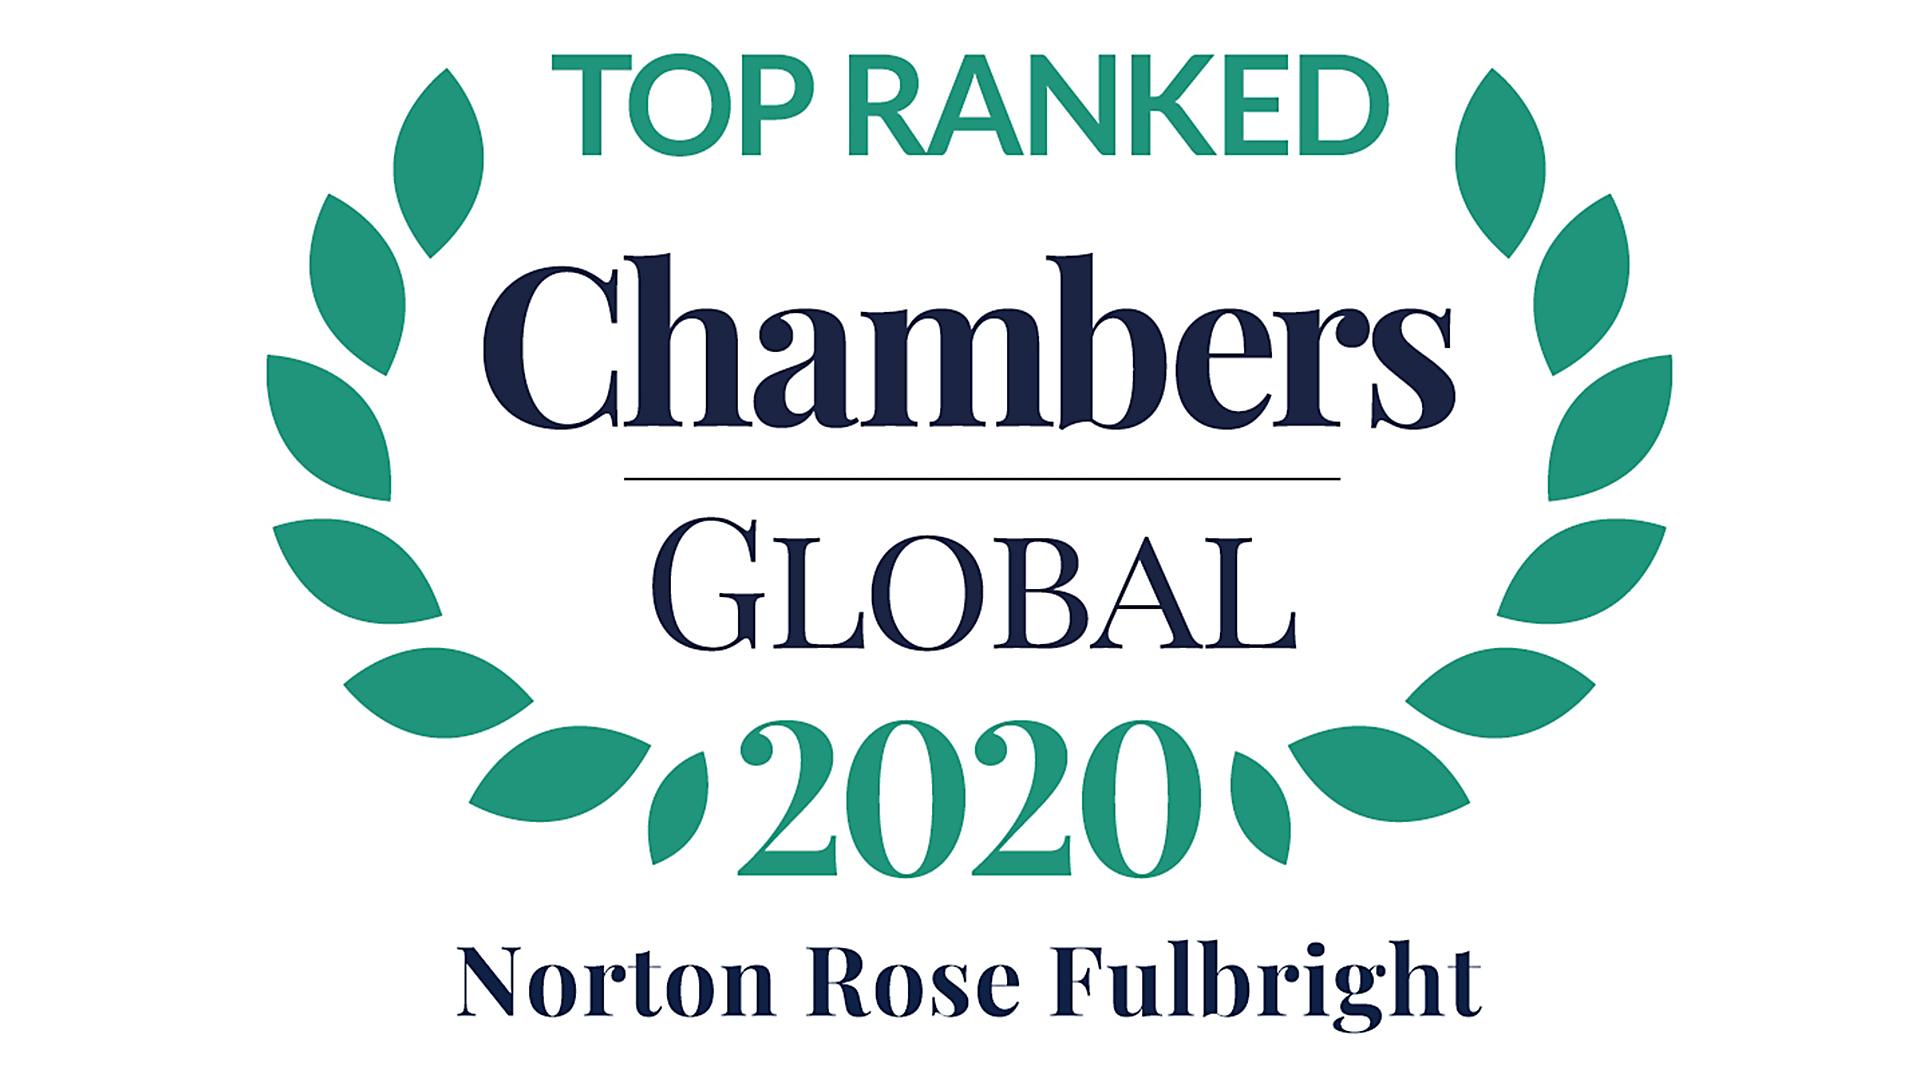 Top ranked Chambers Global 2020